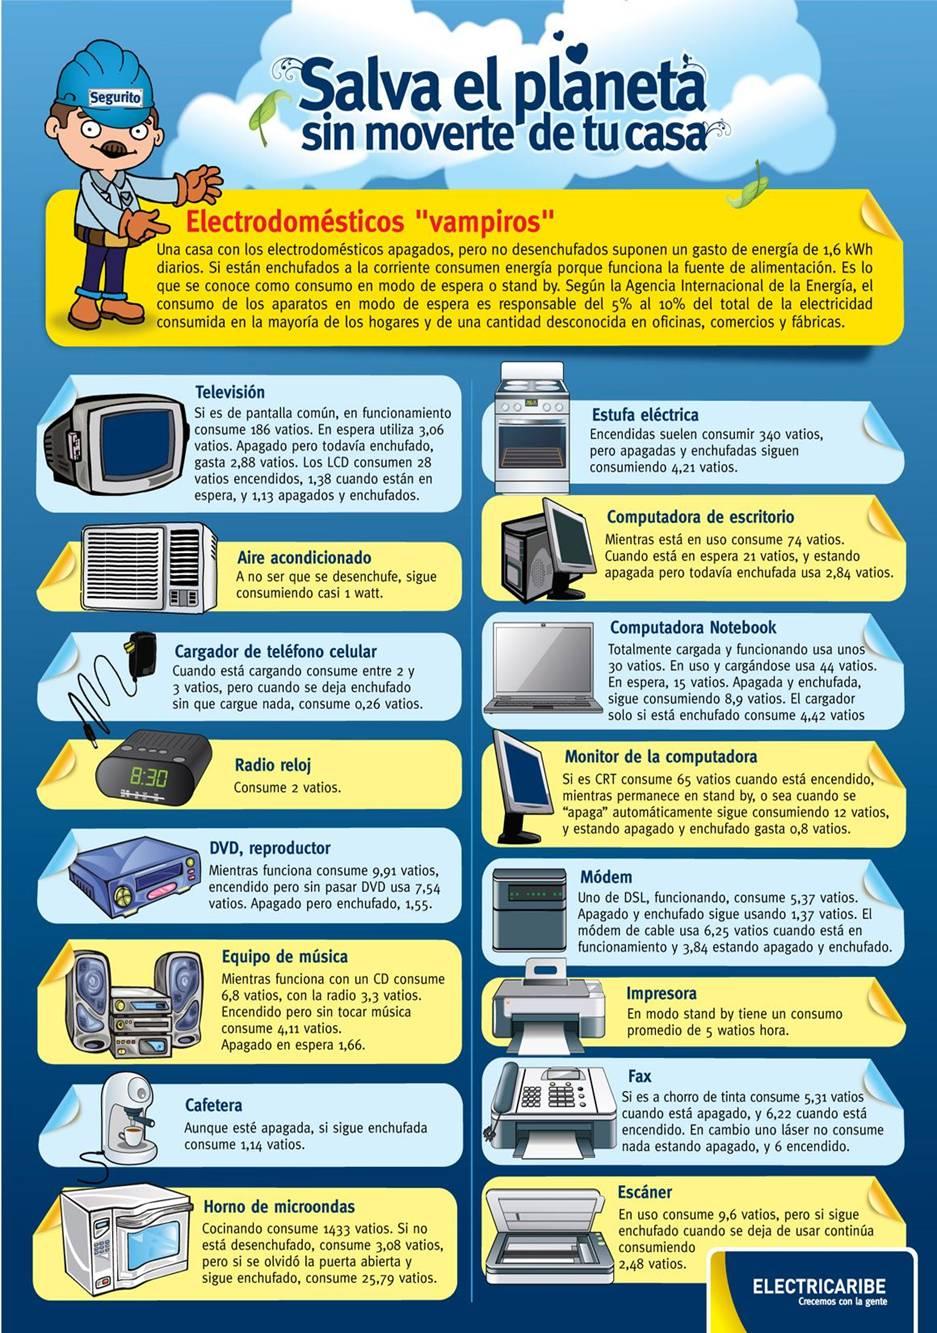 Diez consejos para el ahorro de energ a for Oficina proteccion datos